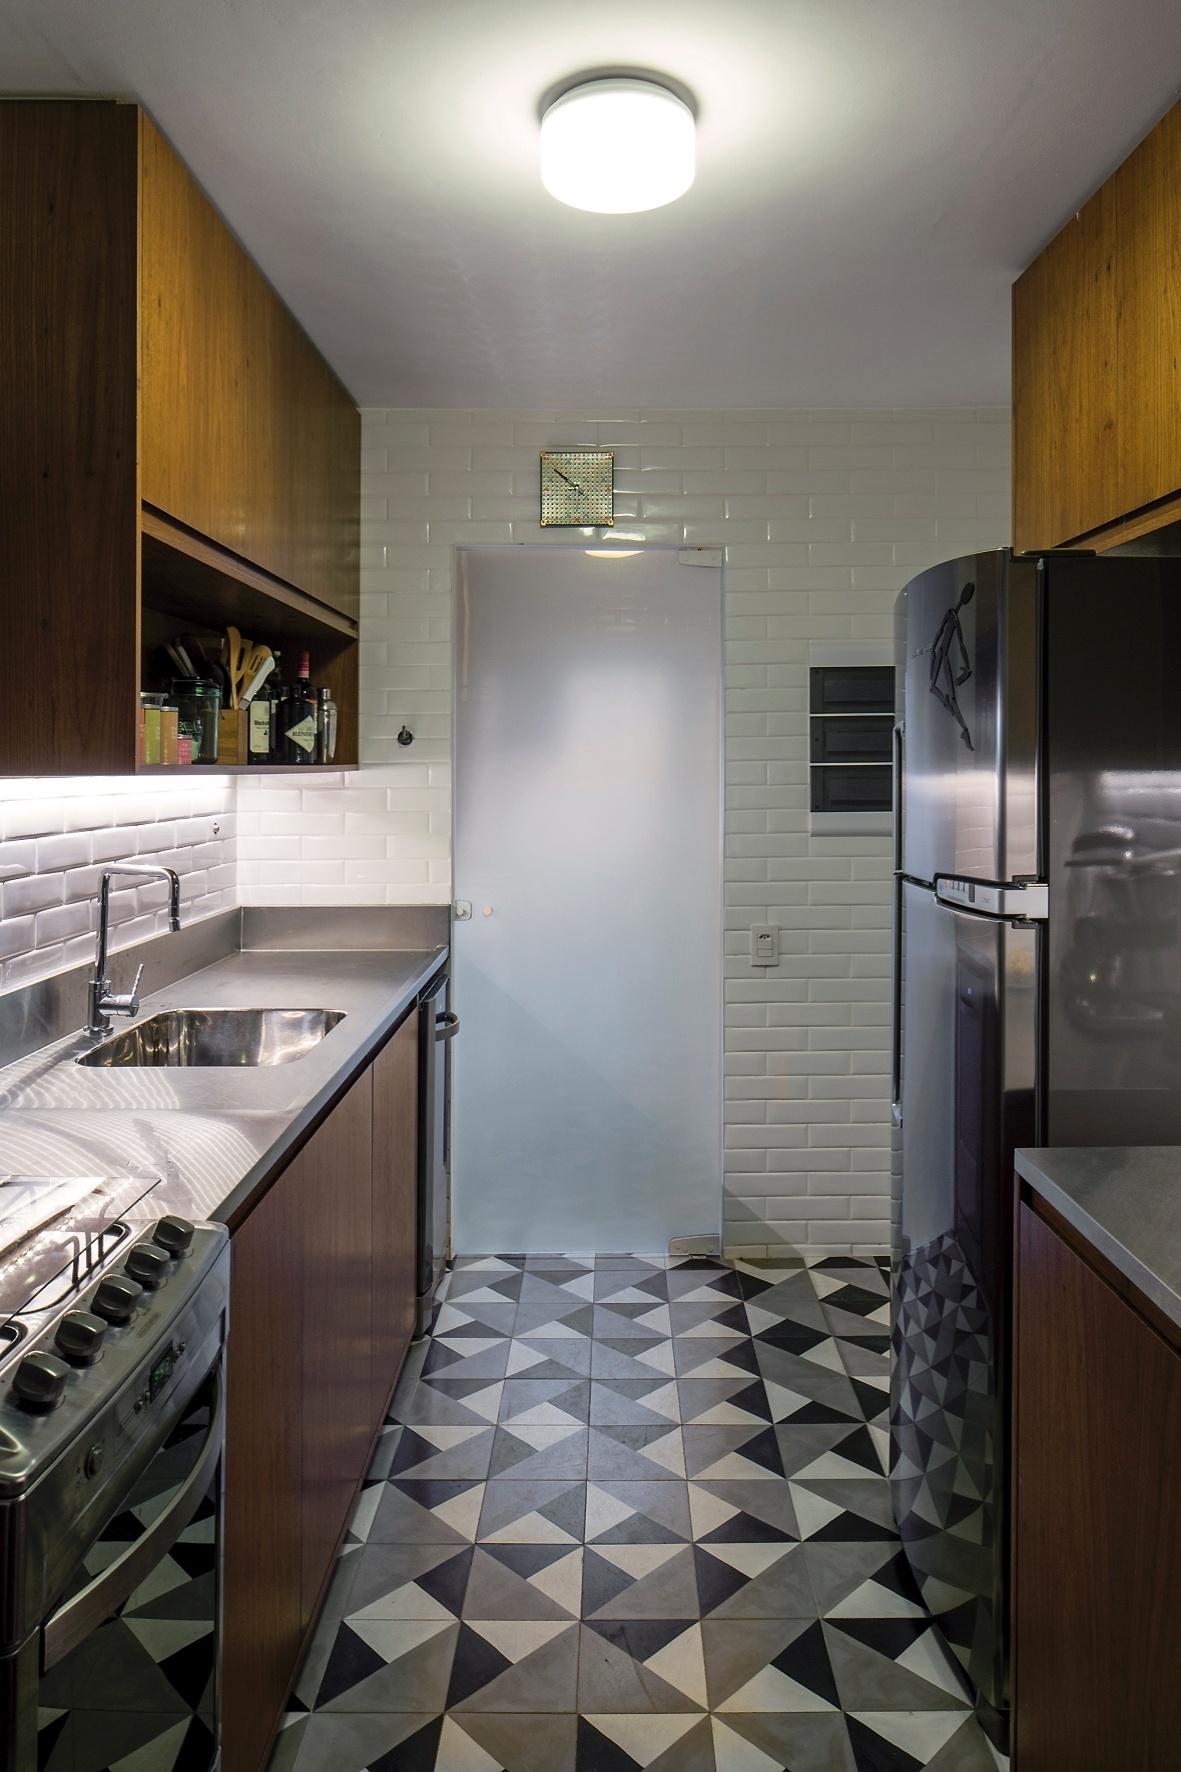 Na cozinha, o piso de ladrilhos hidráulicos (Casa Franceza) foi combinado às bancadas em aço inox (Mekal) e à marcenaria em madeira natural, que aquece o ambiente. As cores que dominam o espaço variam do branco ao preto. A reforma do Apartamento FT é assinada pelos arquitetos do escritório Pascali Semerdjian, em São Paulo